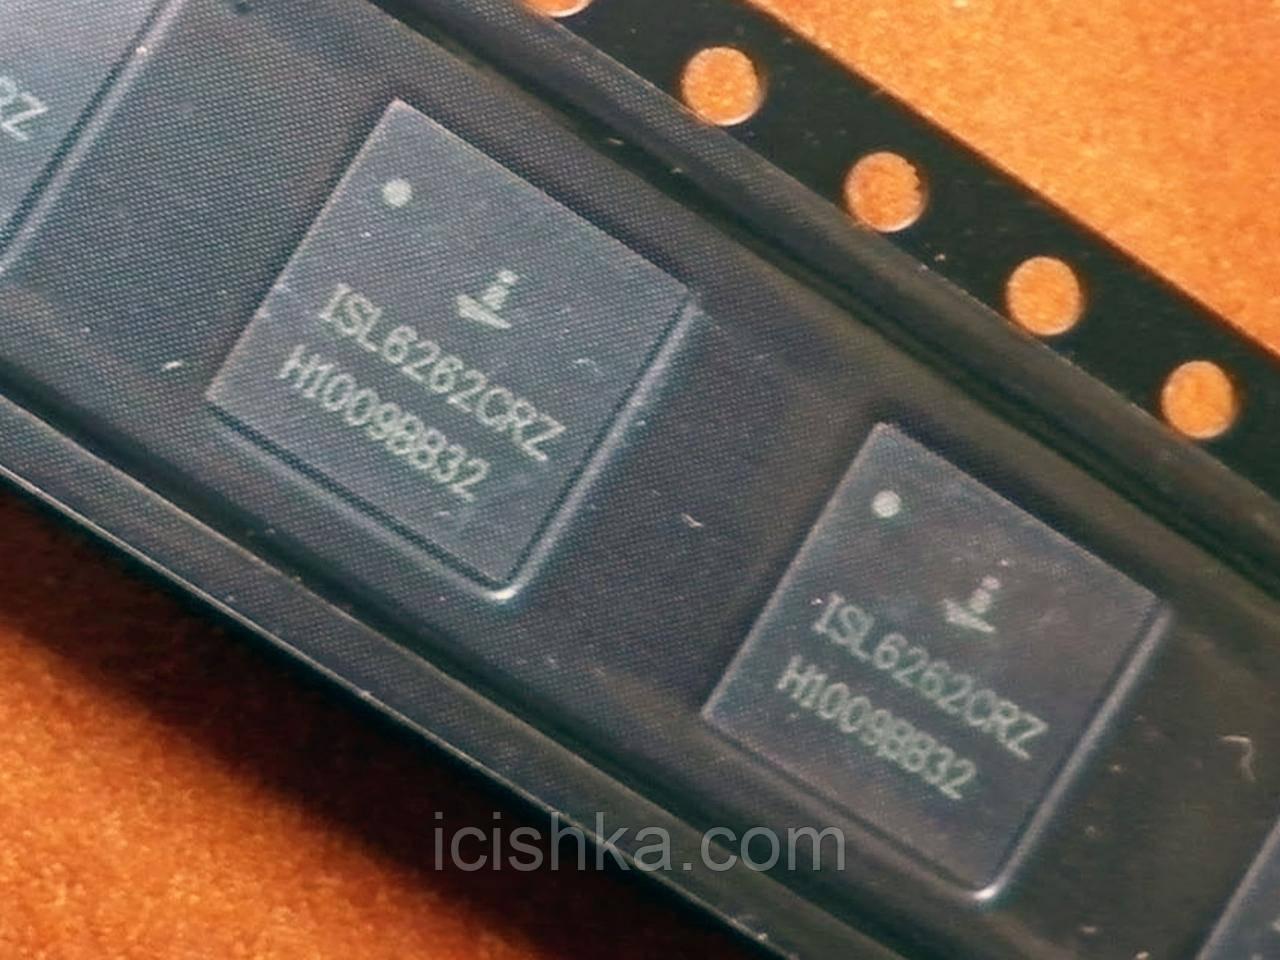 ISL6262CRZ / ISL6262 - 2-канальный ШИМ контроллер